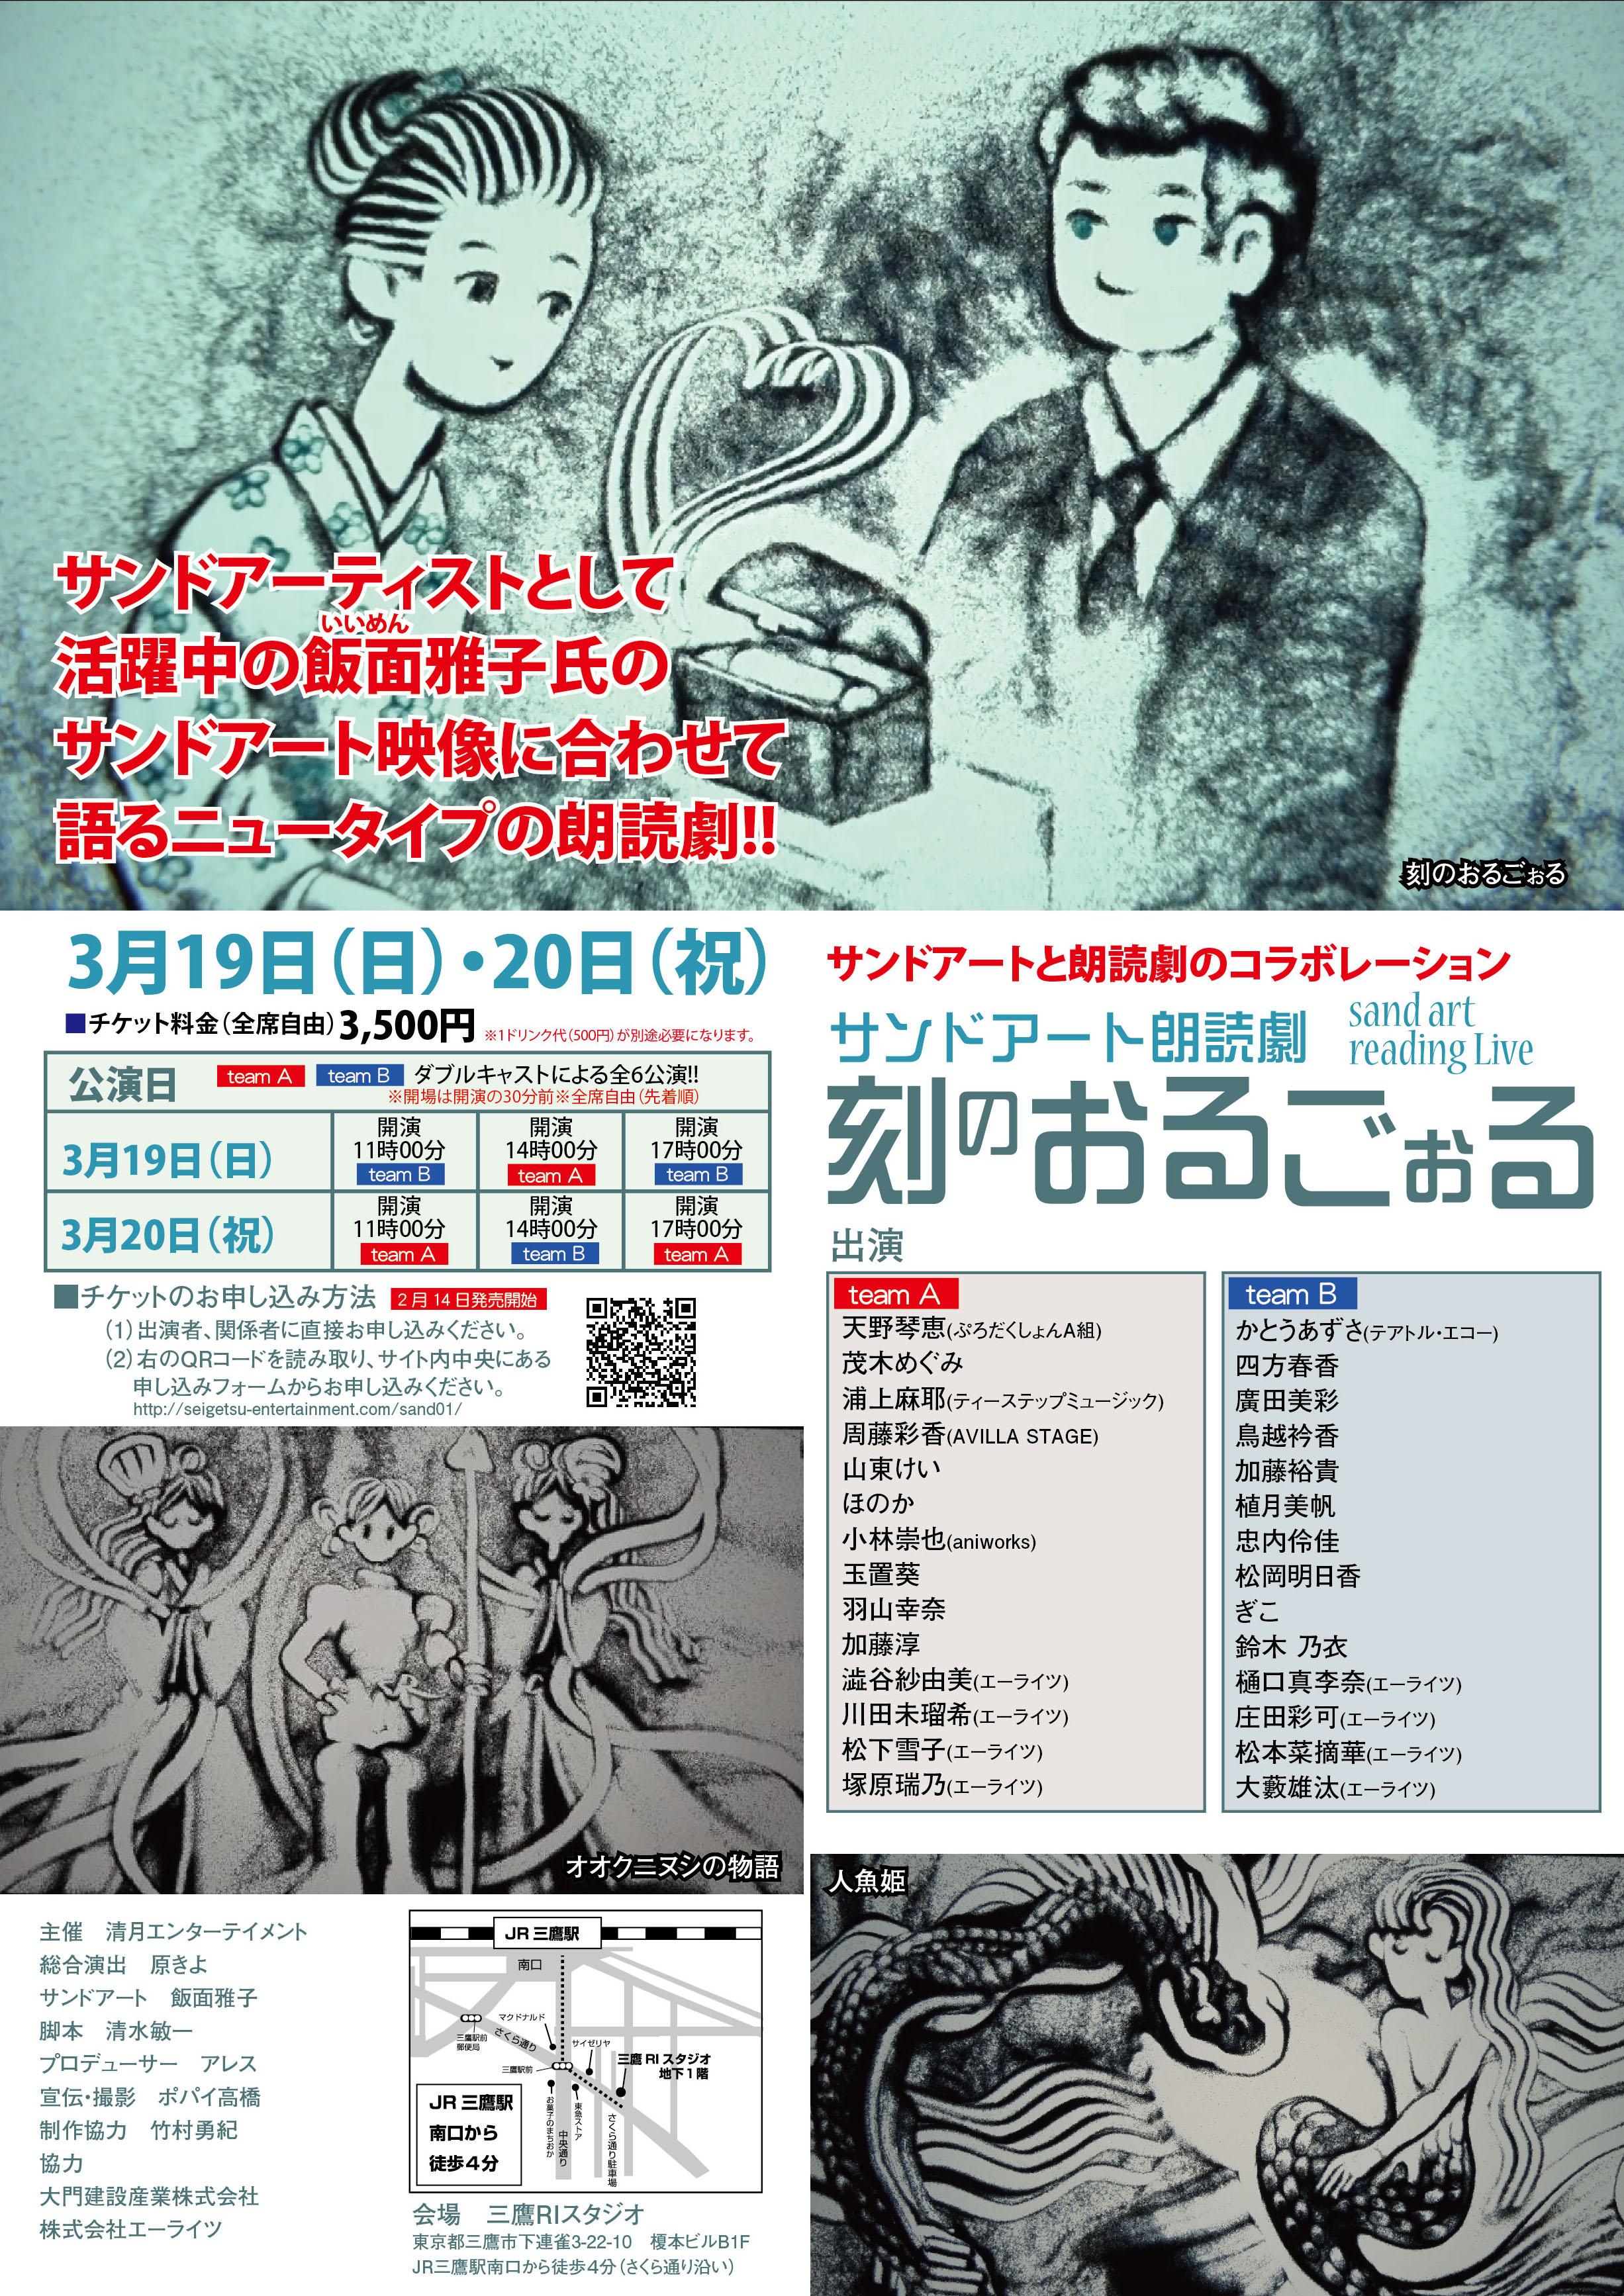 サンドアート朗読劇「刻のおるごぉる」〔3月19日・20日〕